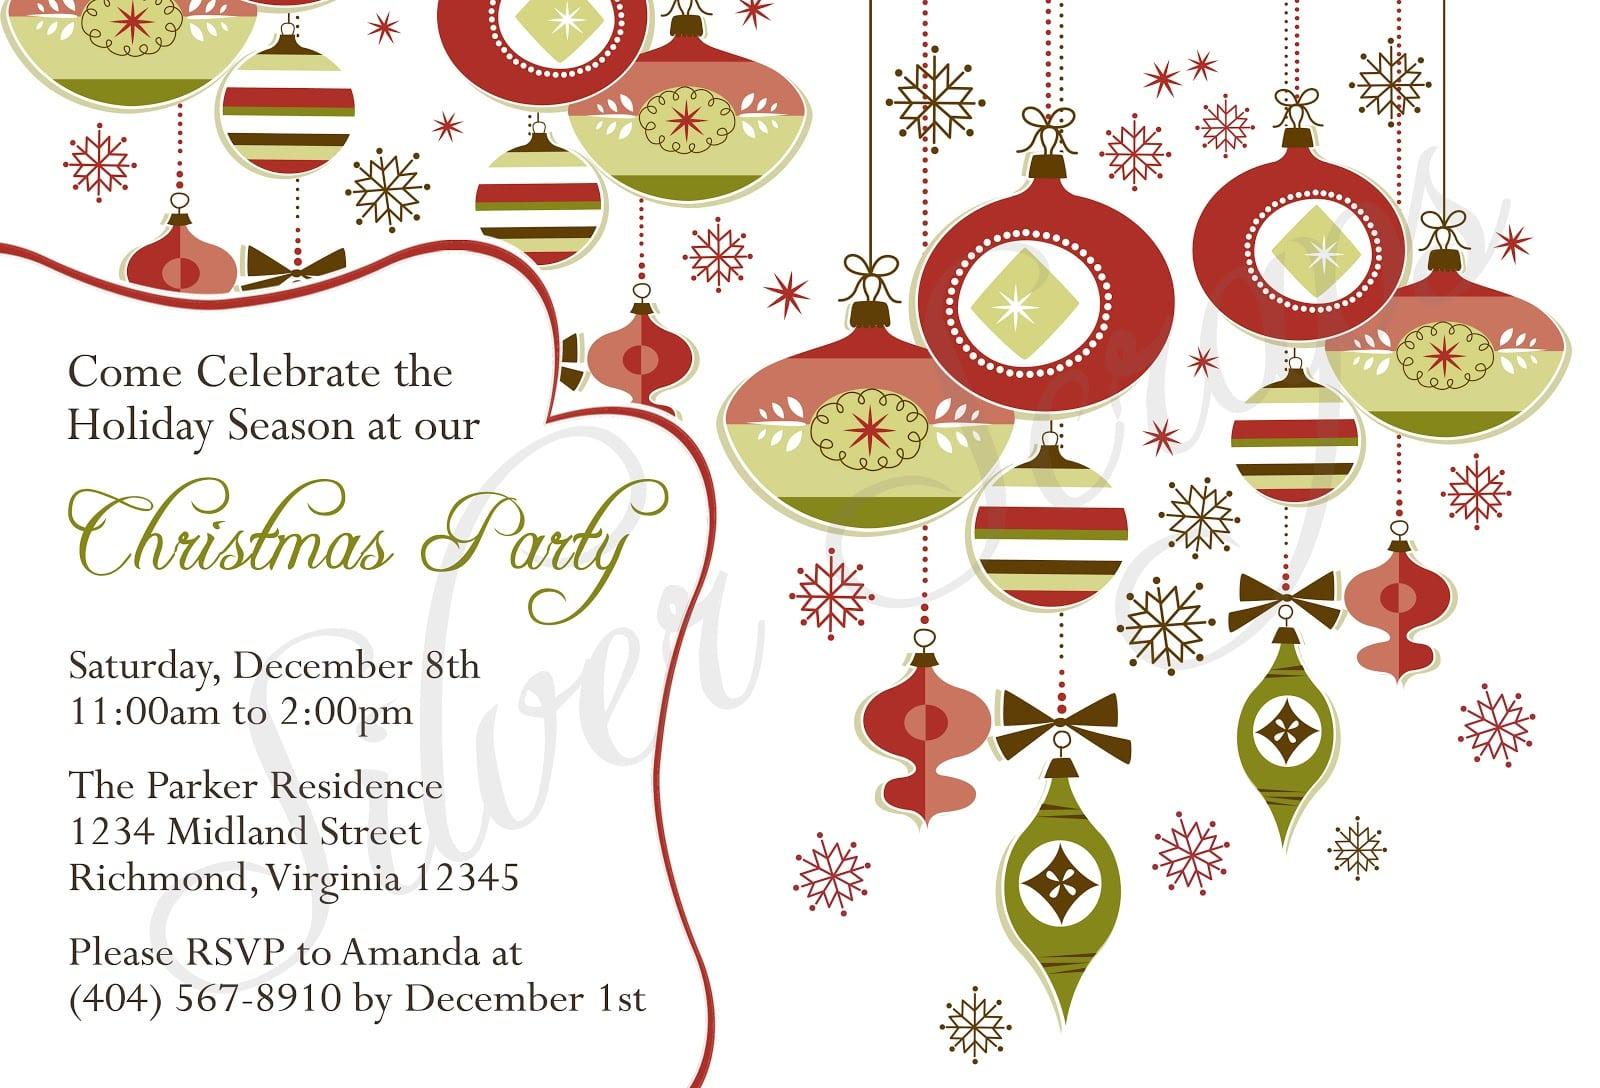 christmas holiday party invitations mickey mouse invitations christmas holiday party invitations fabulous christmas holiday